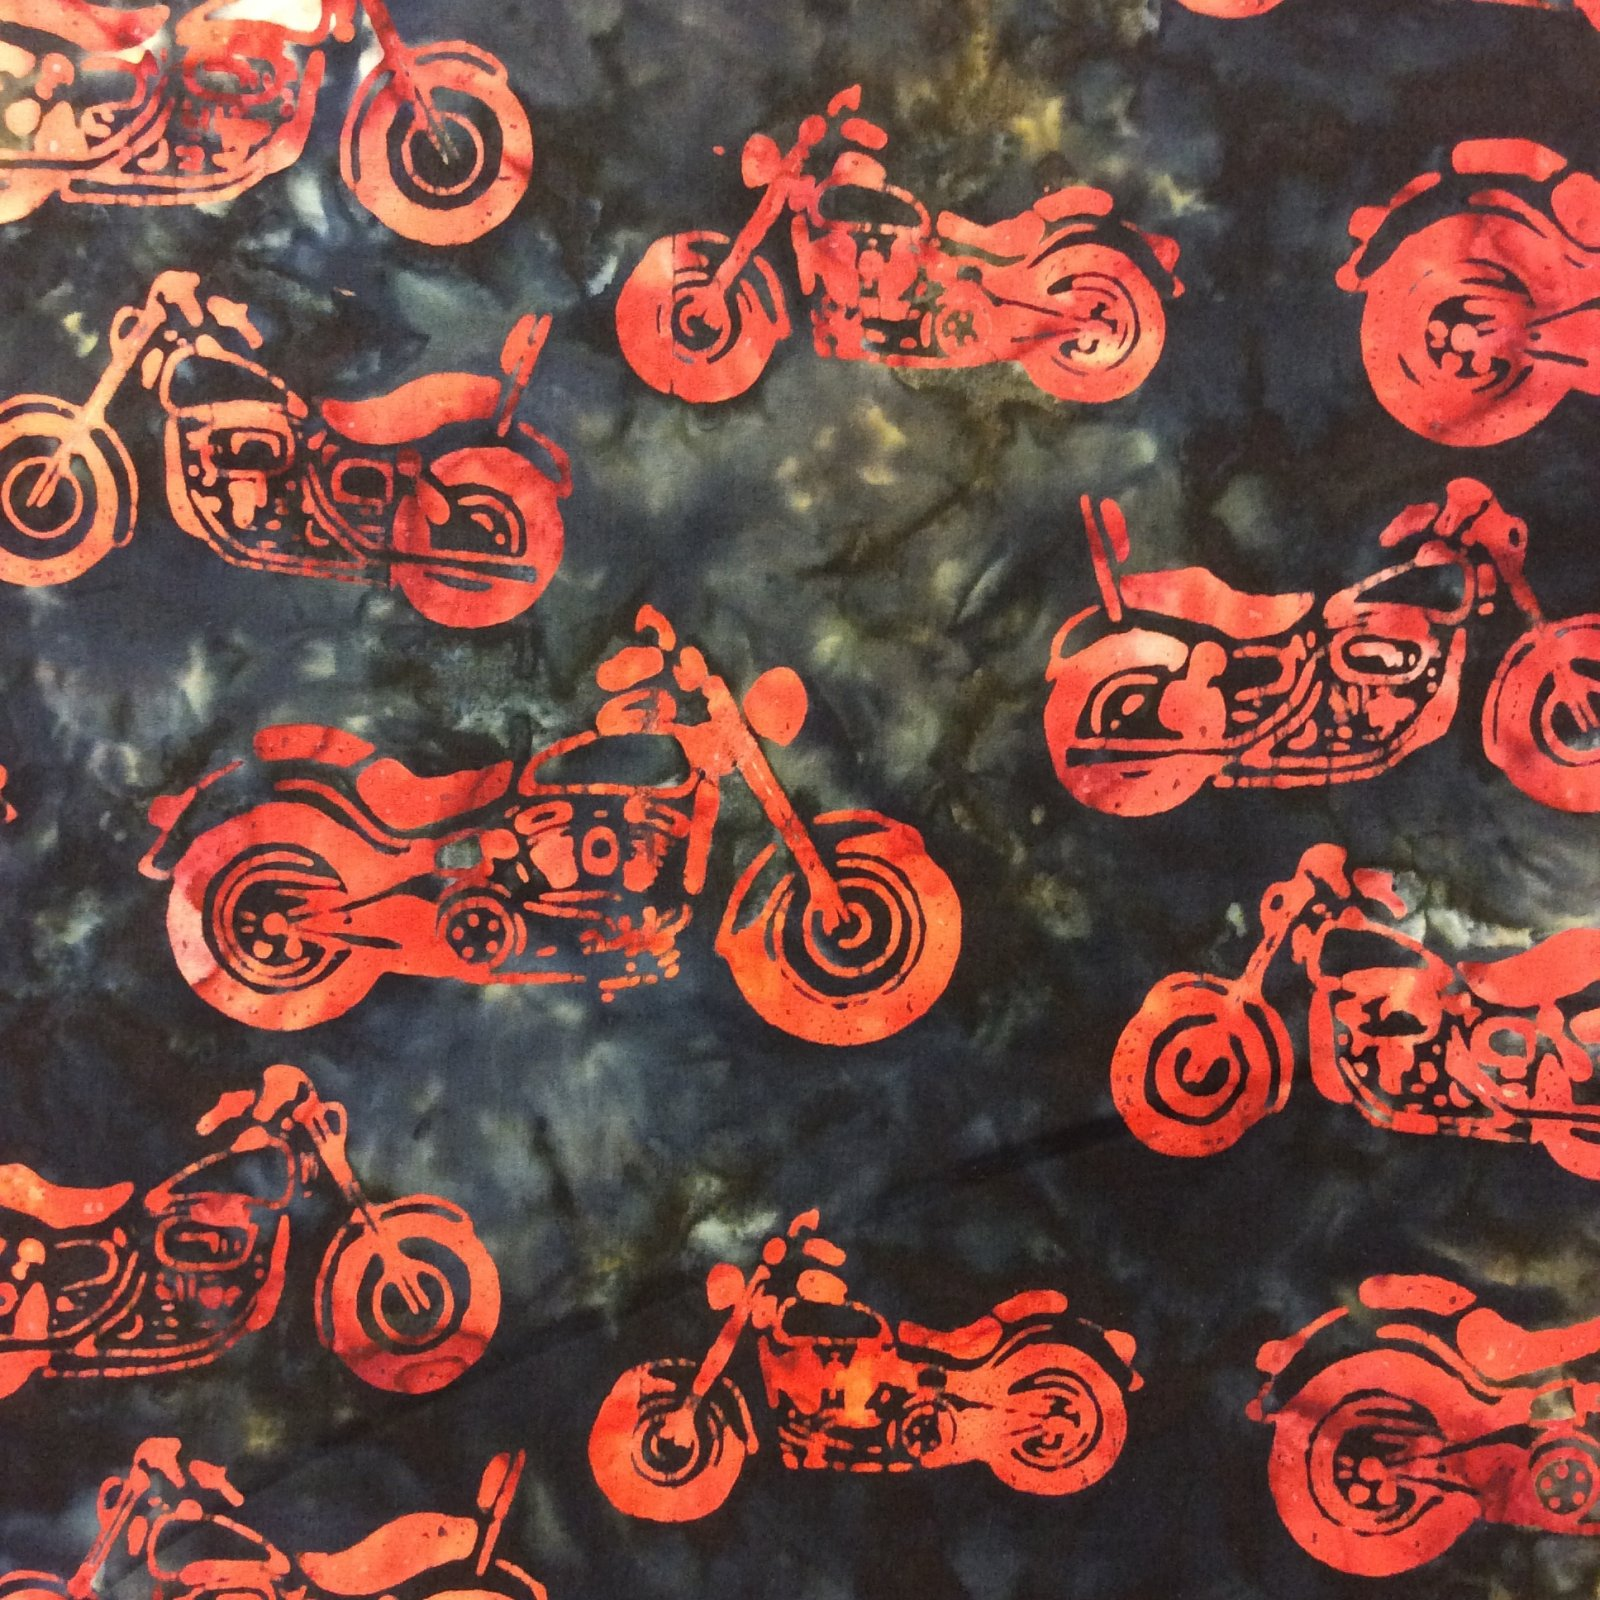 RK99 Motorcycle Batik Biker Helmet Watercolor Quilt Cotton ... : motorcycle quilting fabric - Adamdwight.com